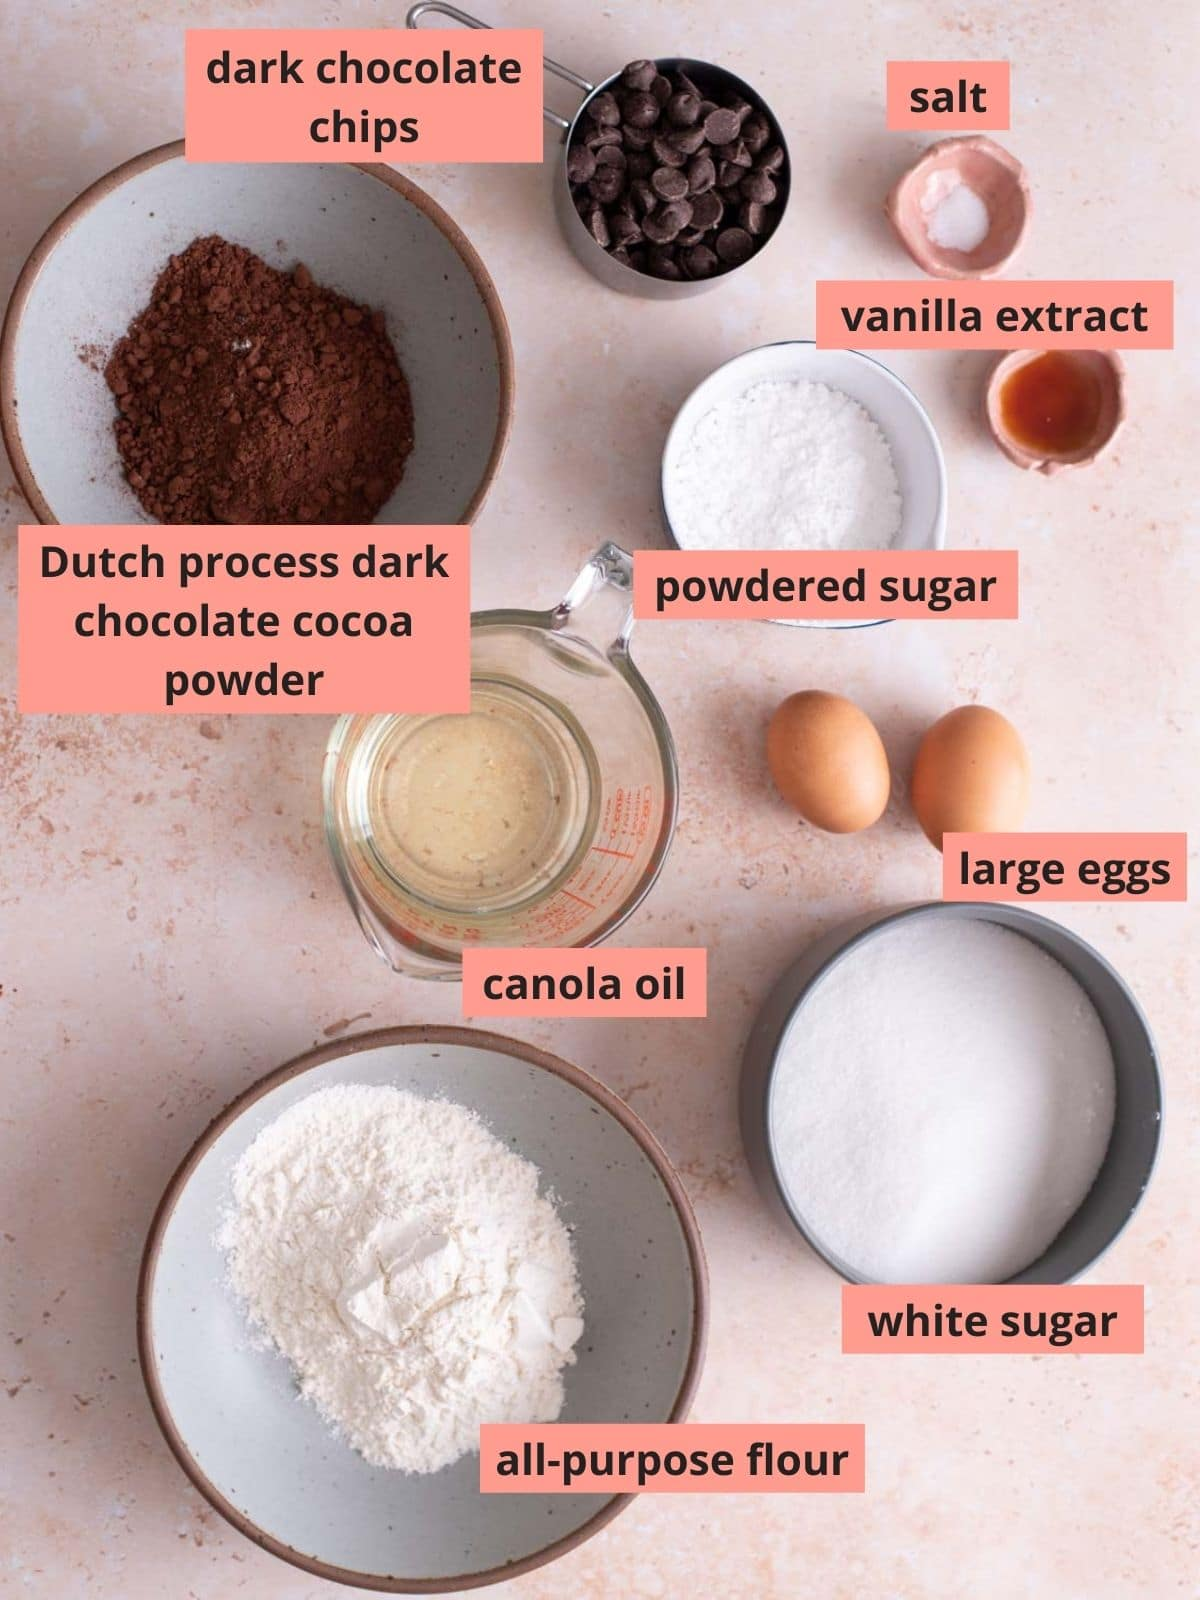 Labeled ingredients used to make brownies